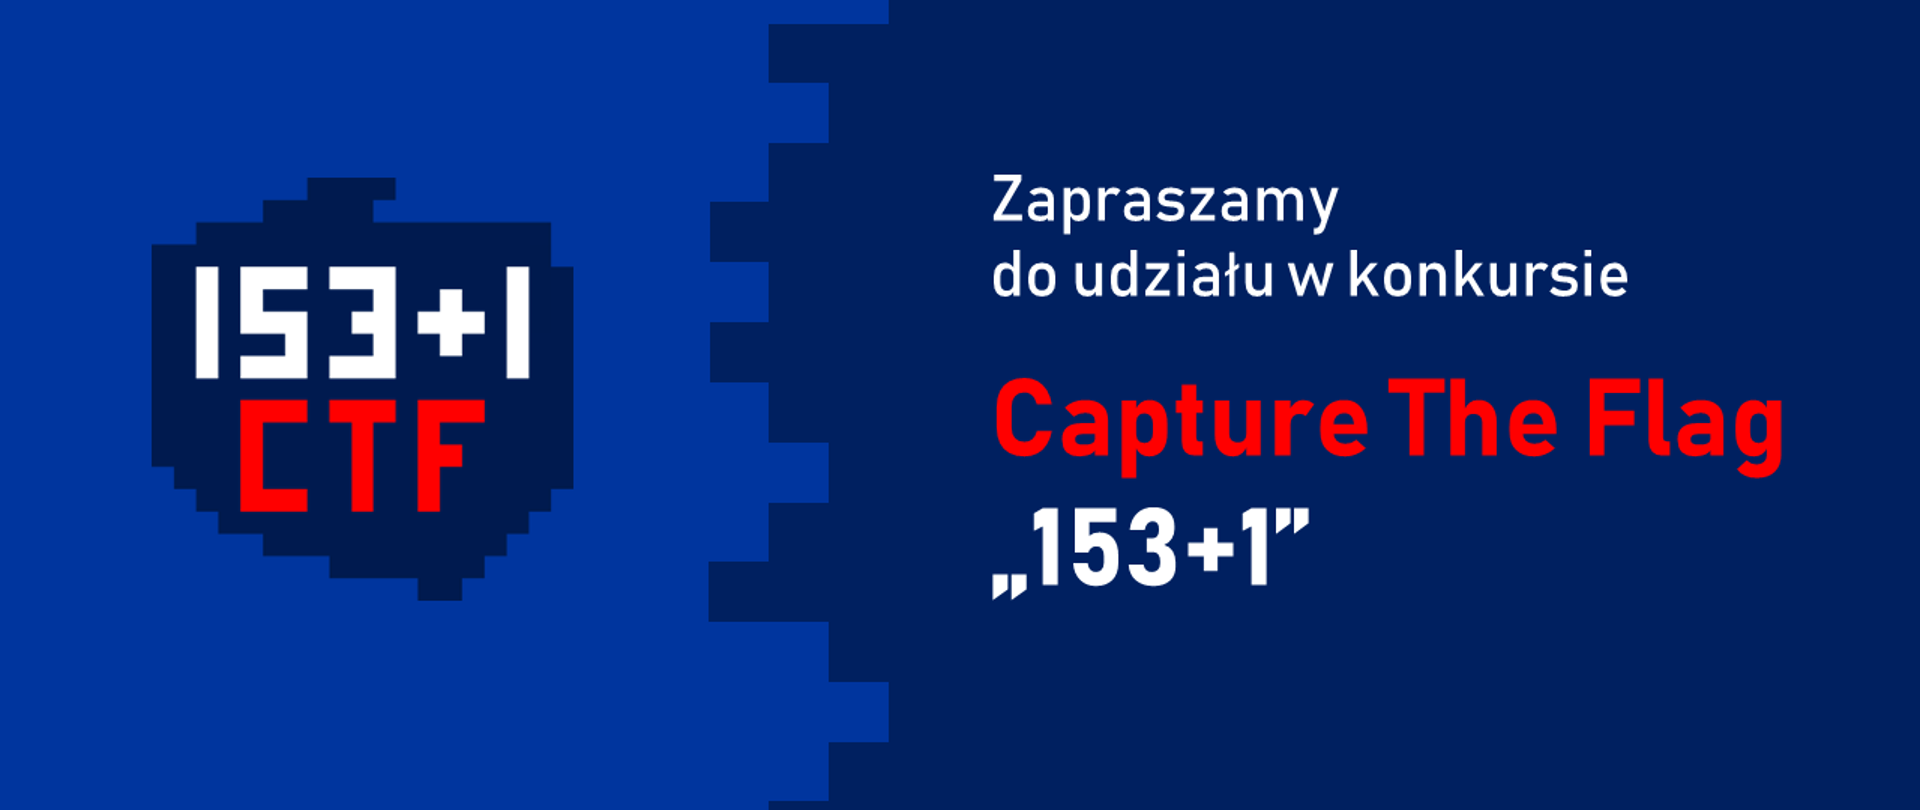 """Napis na granatowym tle """"Zapraszamy do udziału w konkursie Capture The Flag """"153+1"""""""